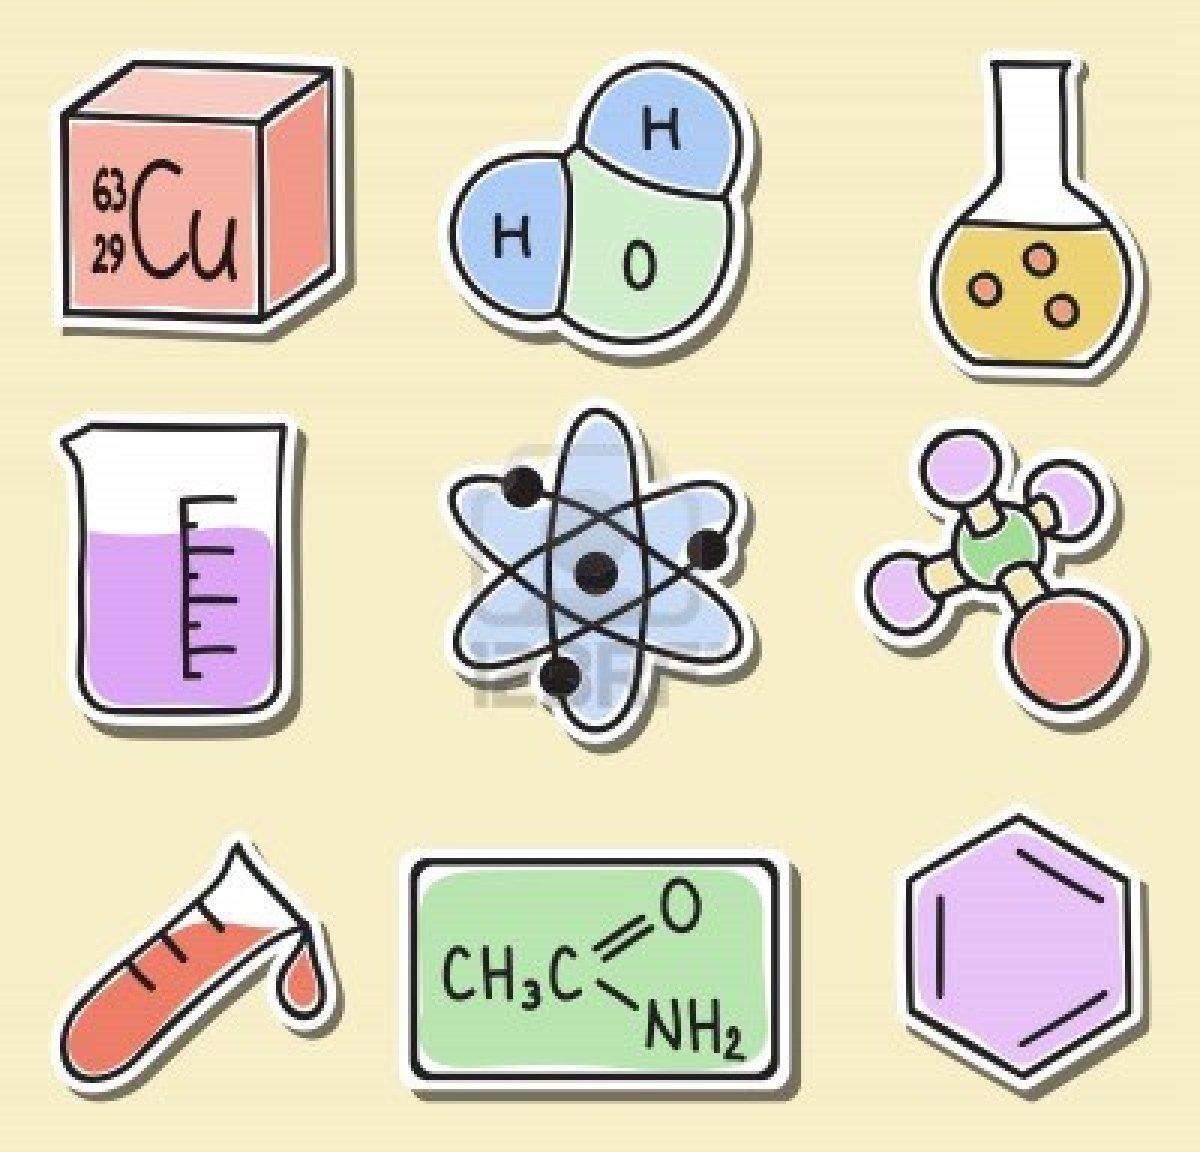 importancia de la fisica y quimica: